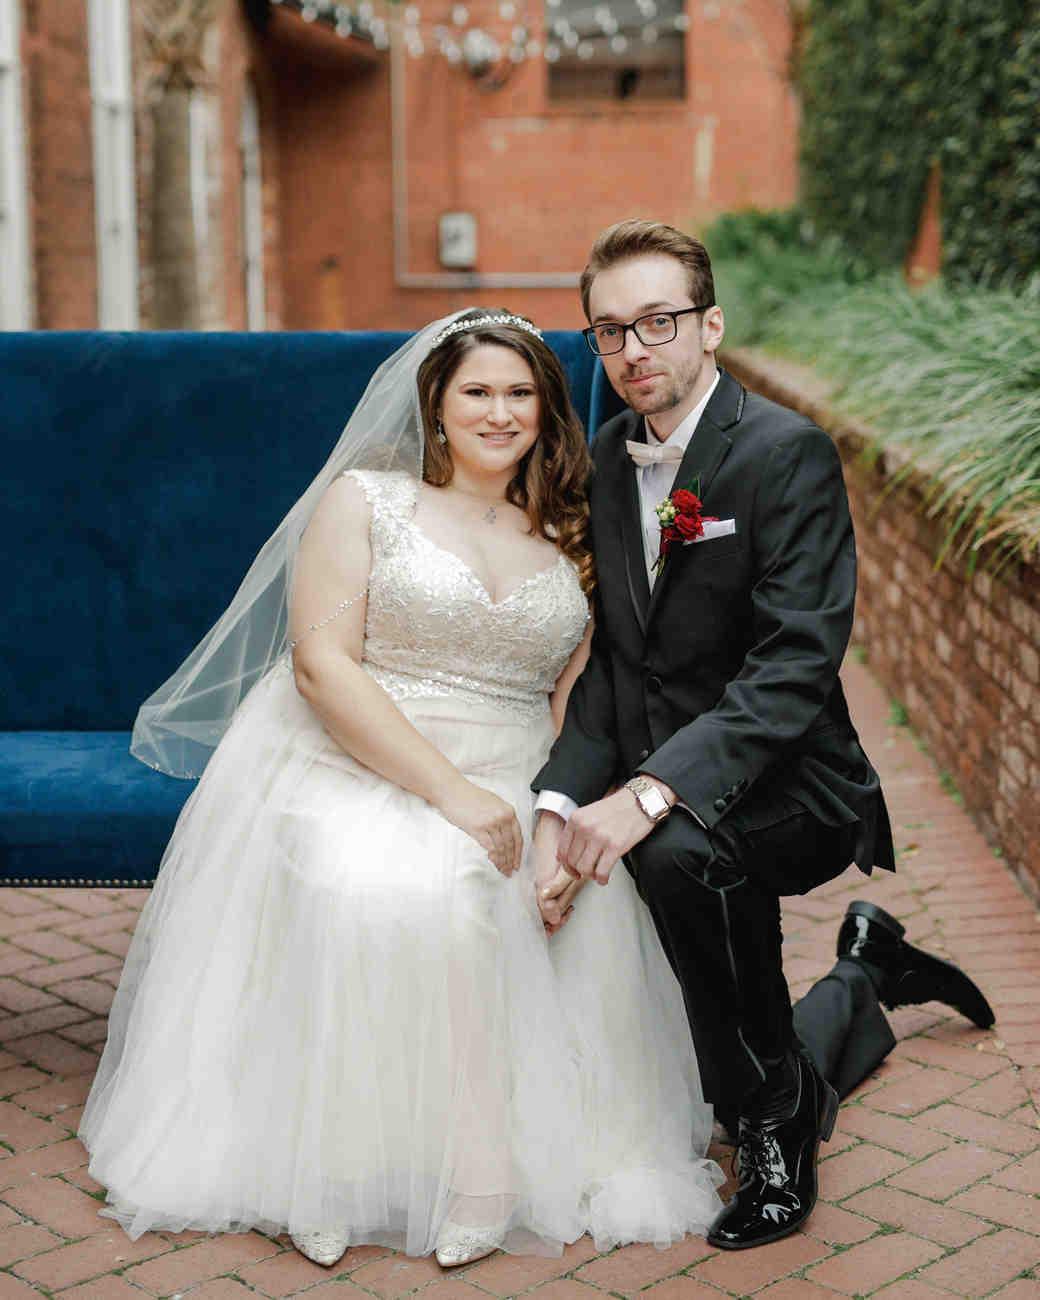 elizabeth seth wedding groom kneeling by bride sitting on blue couch